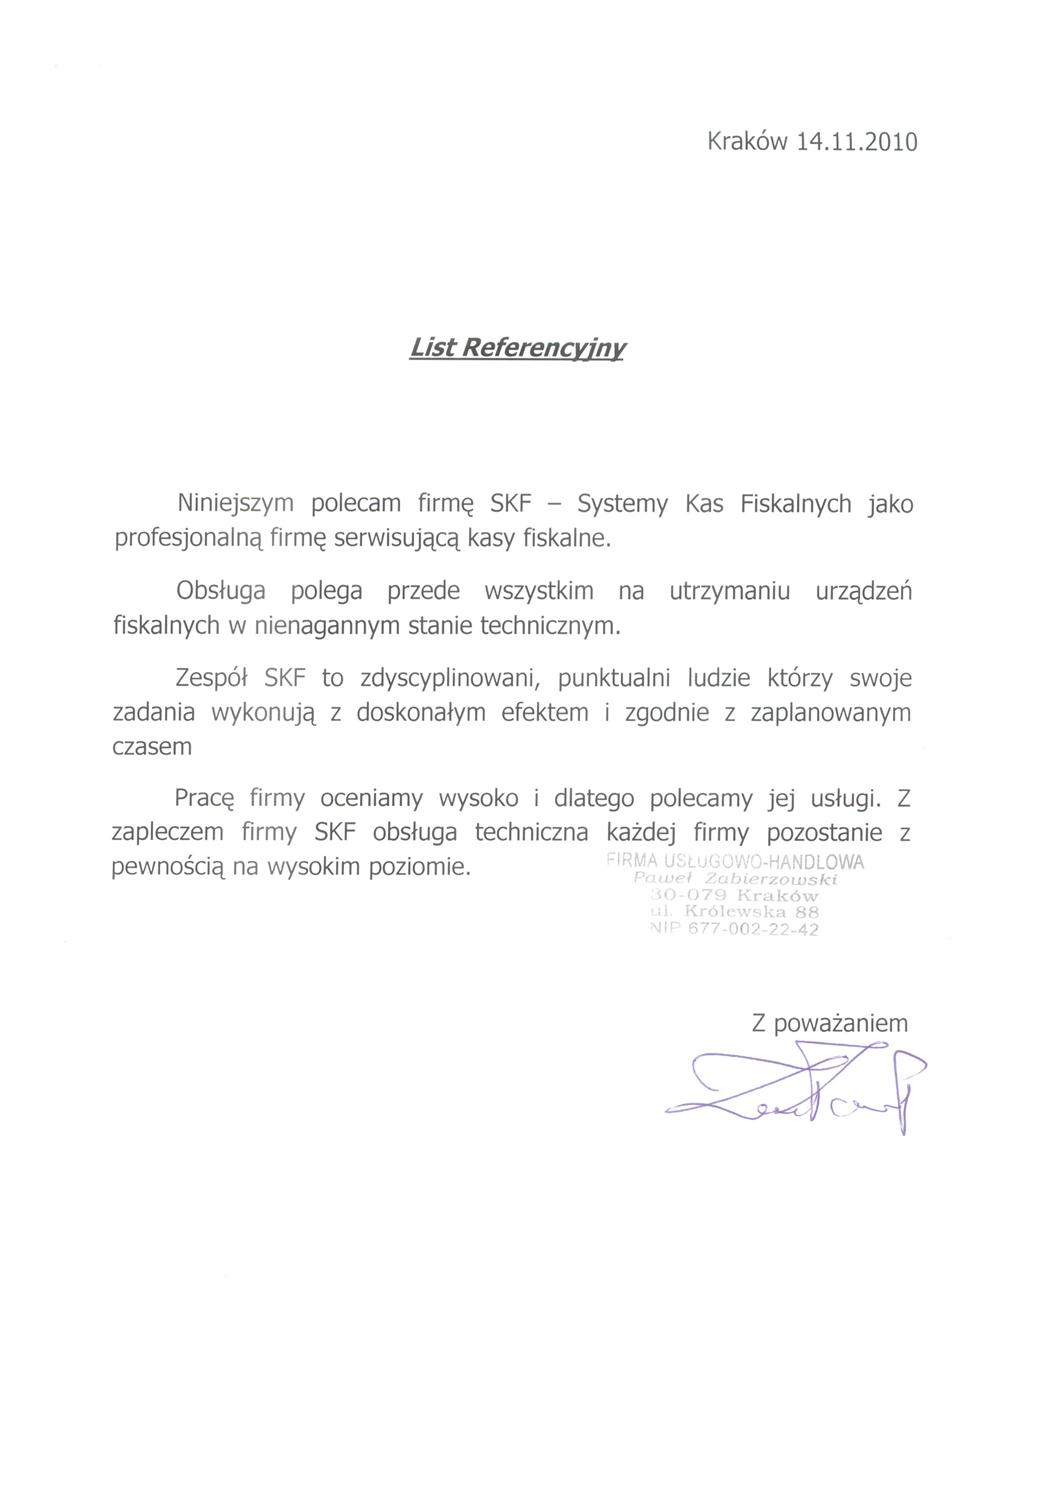 Firma Usługowo-Handlowa Paweł Zabierzowski